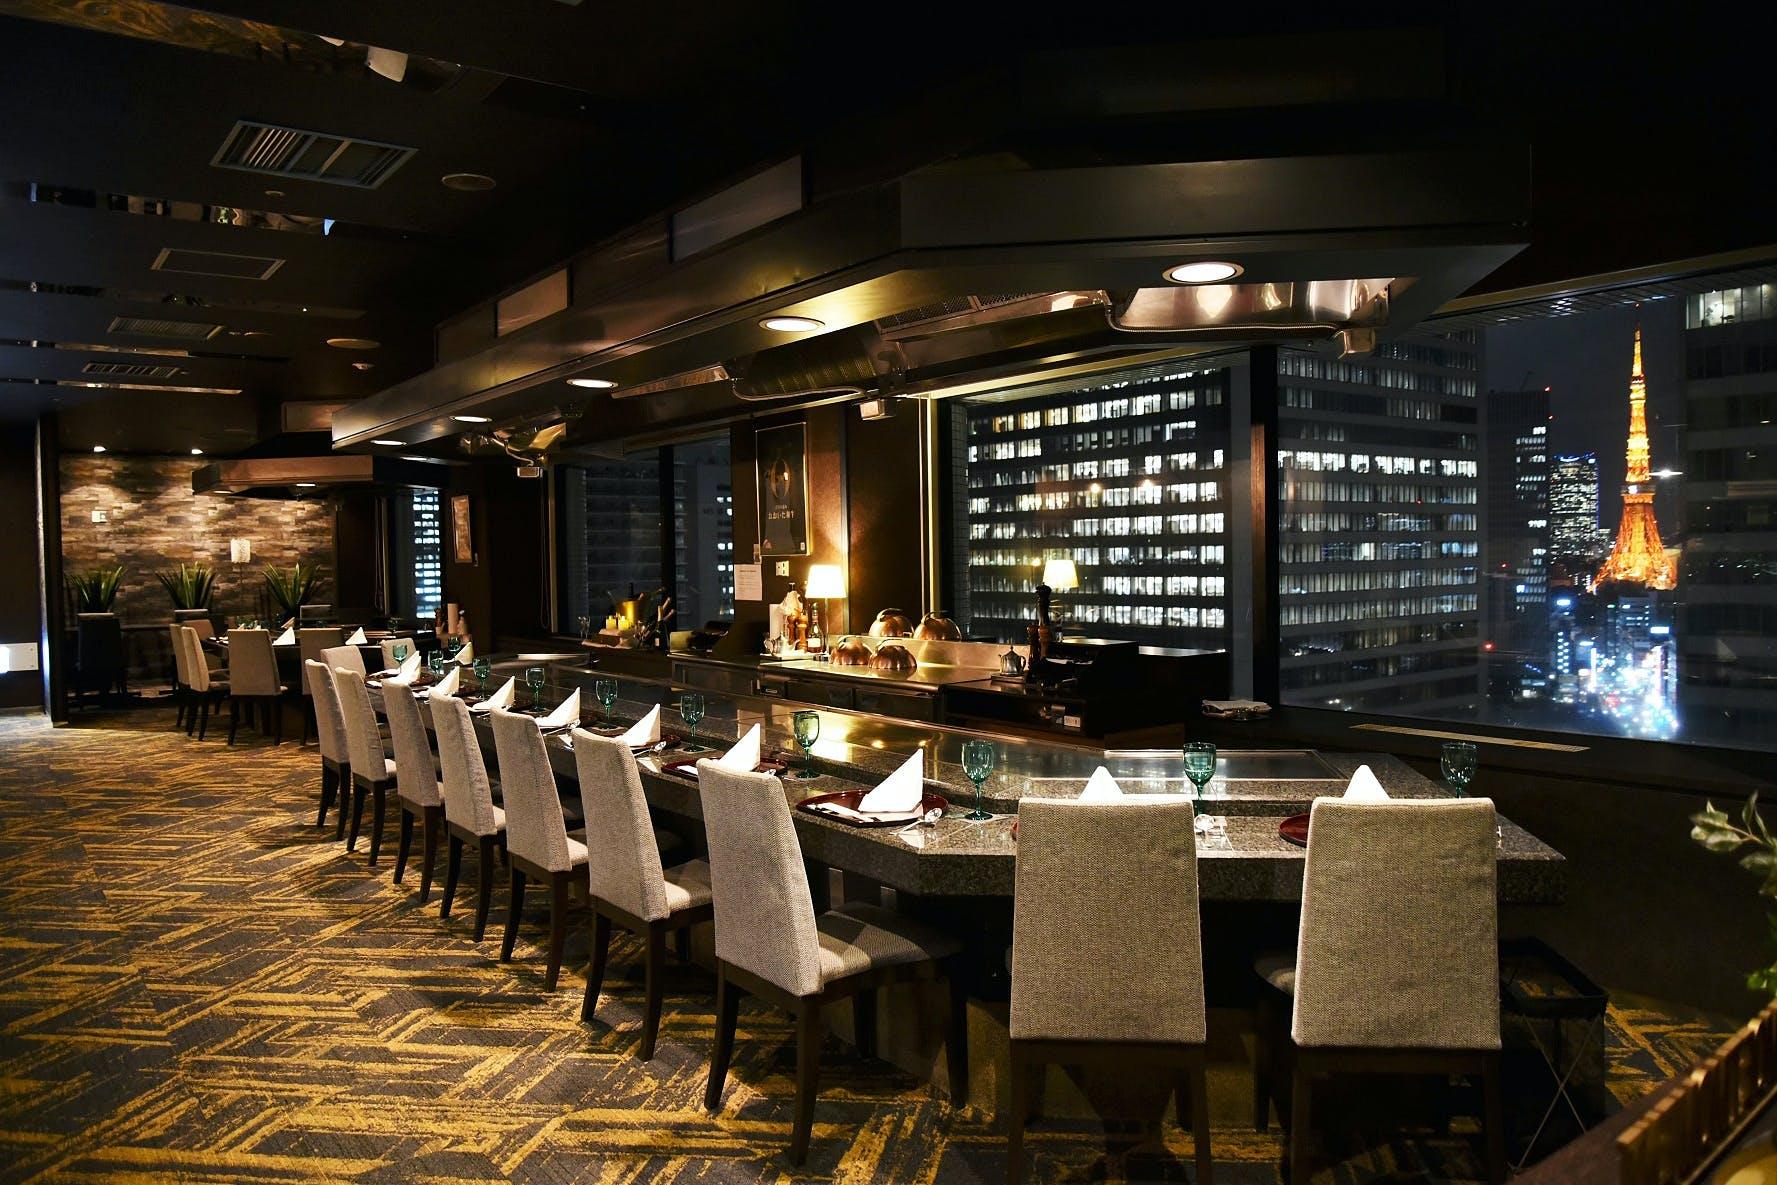 鉄板焼き 天燈 Ran Tan/ホテルアジュール竹芝